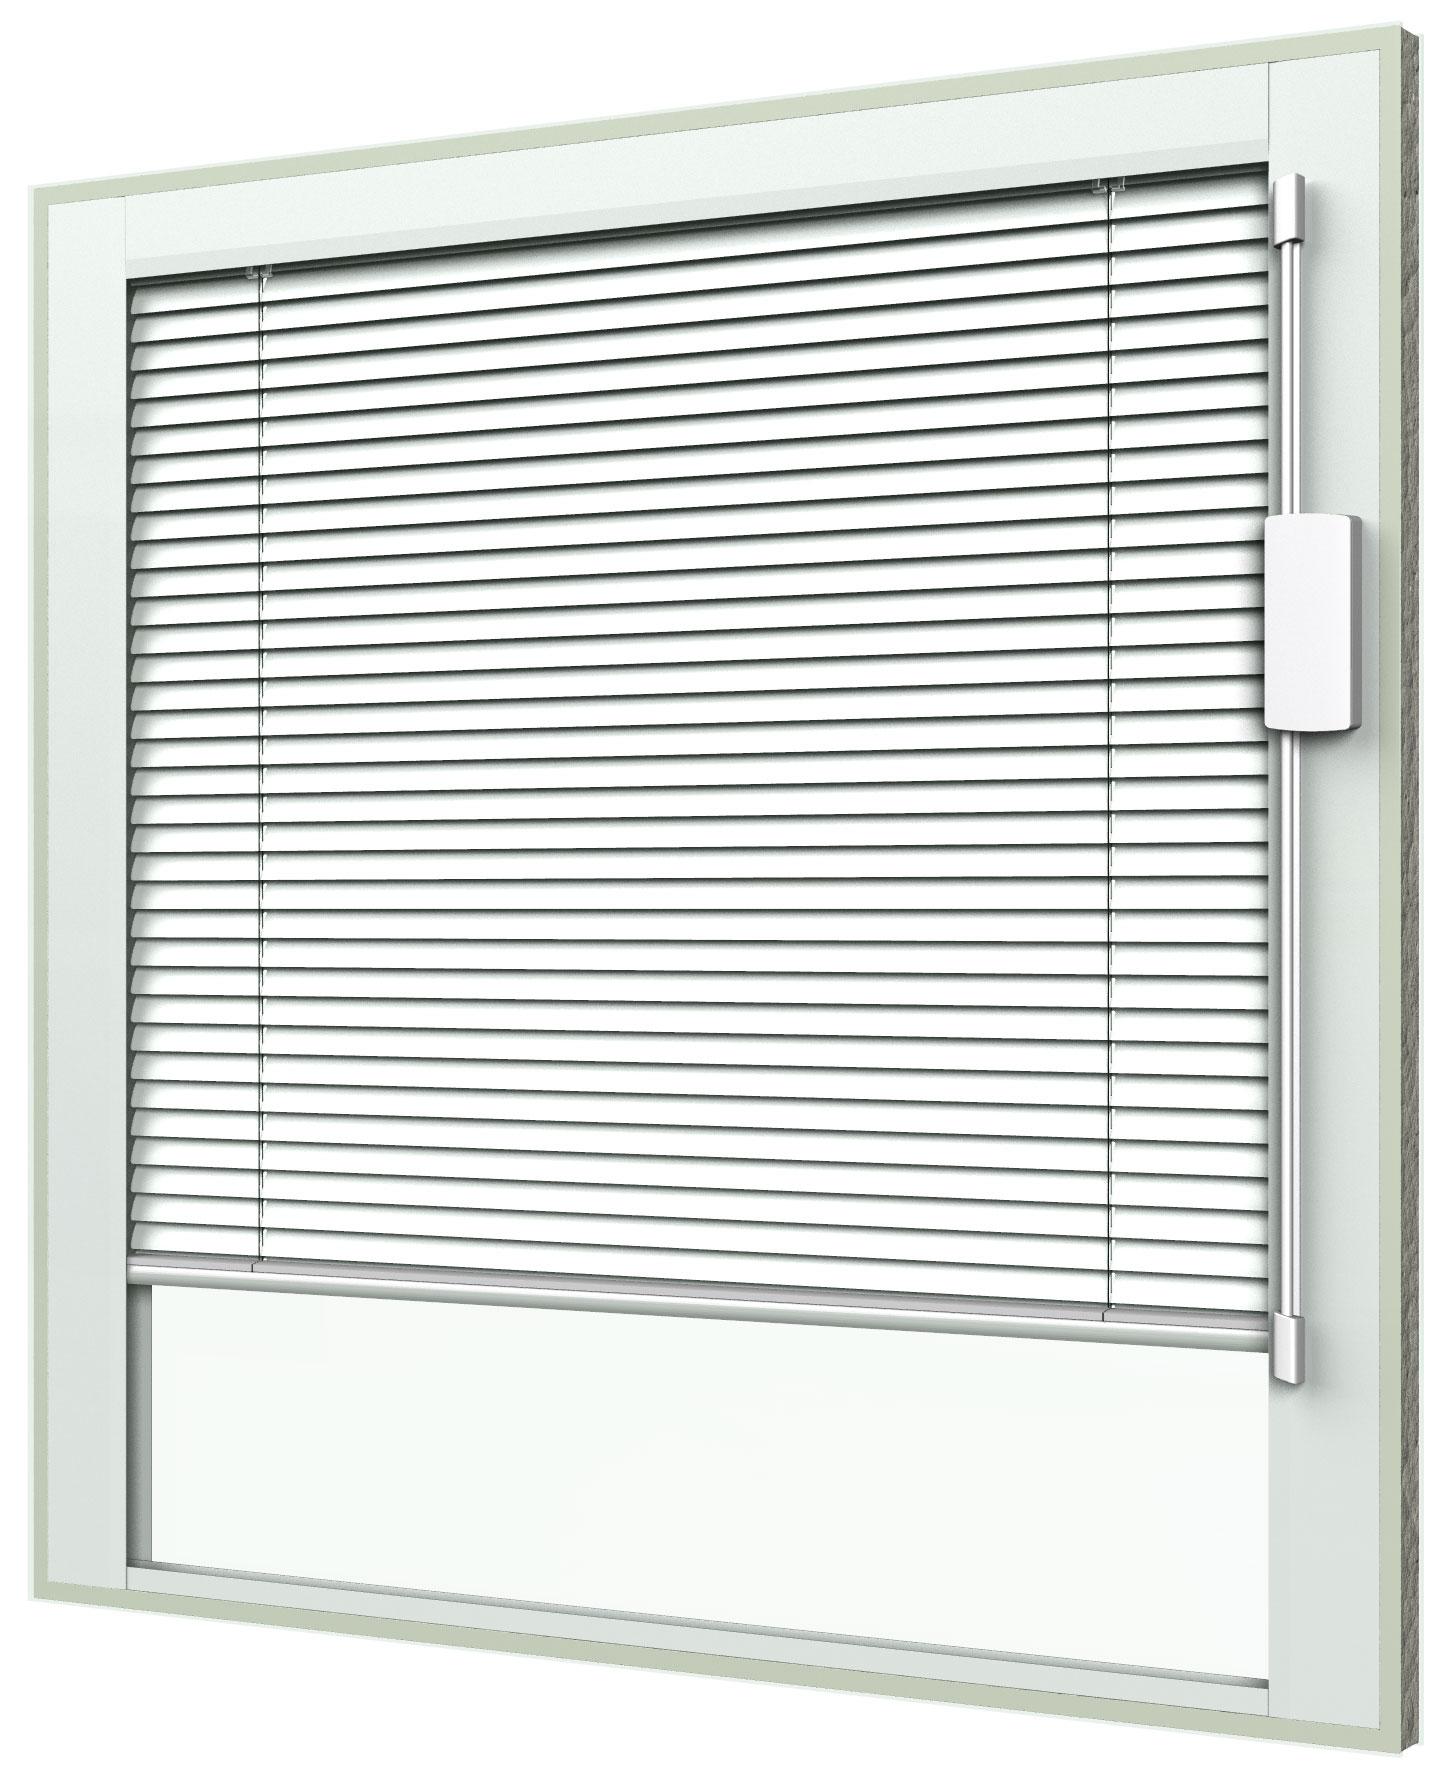 Blink Blinds + Glass - blinds between glass for fixed windows - raise/lower/tilt operator